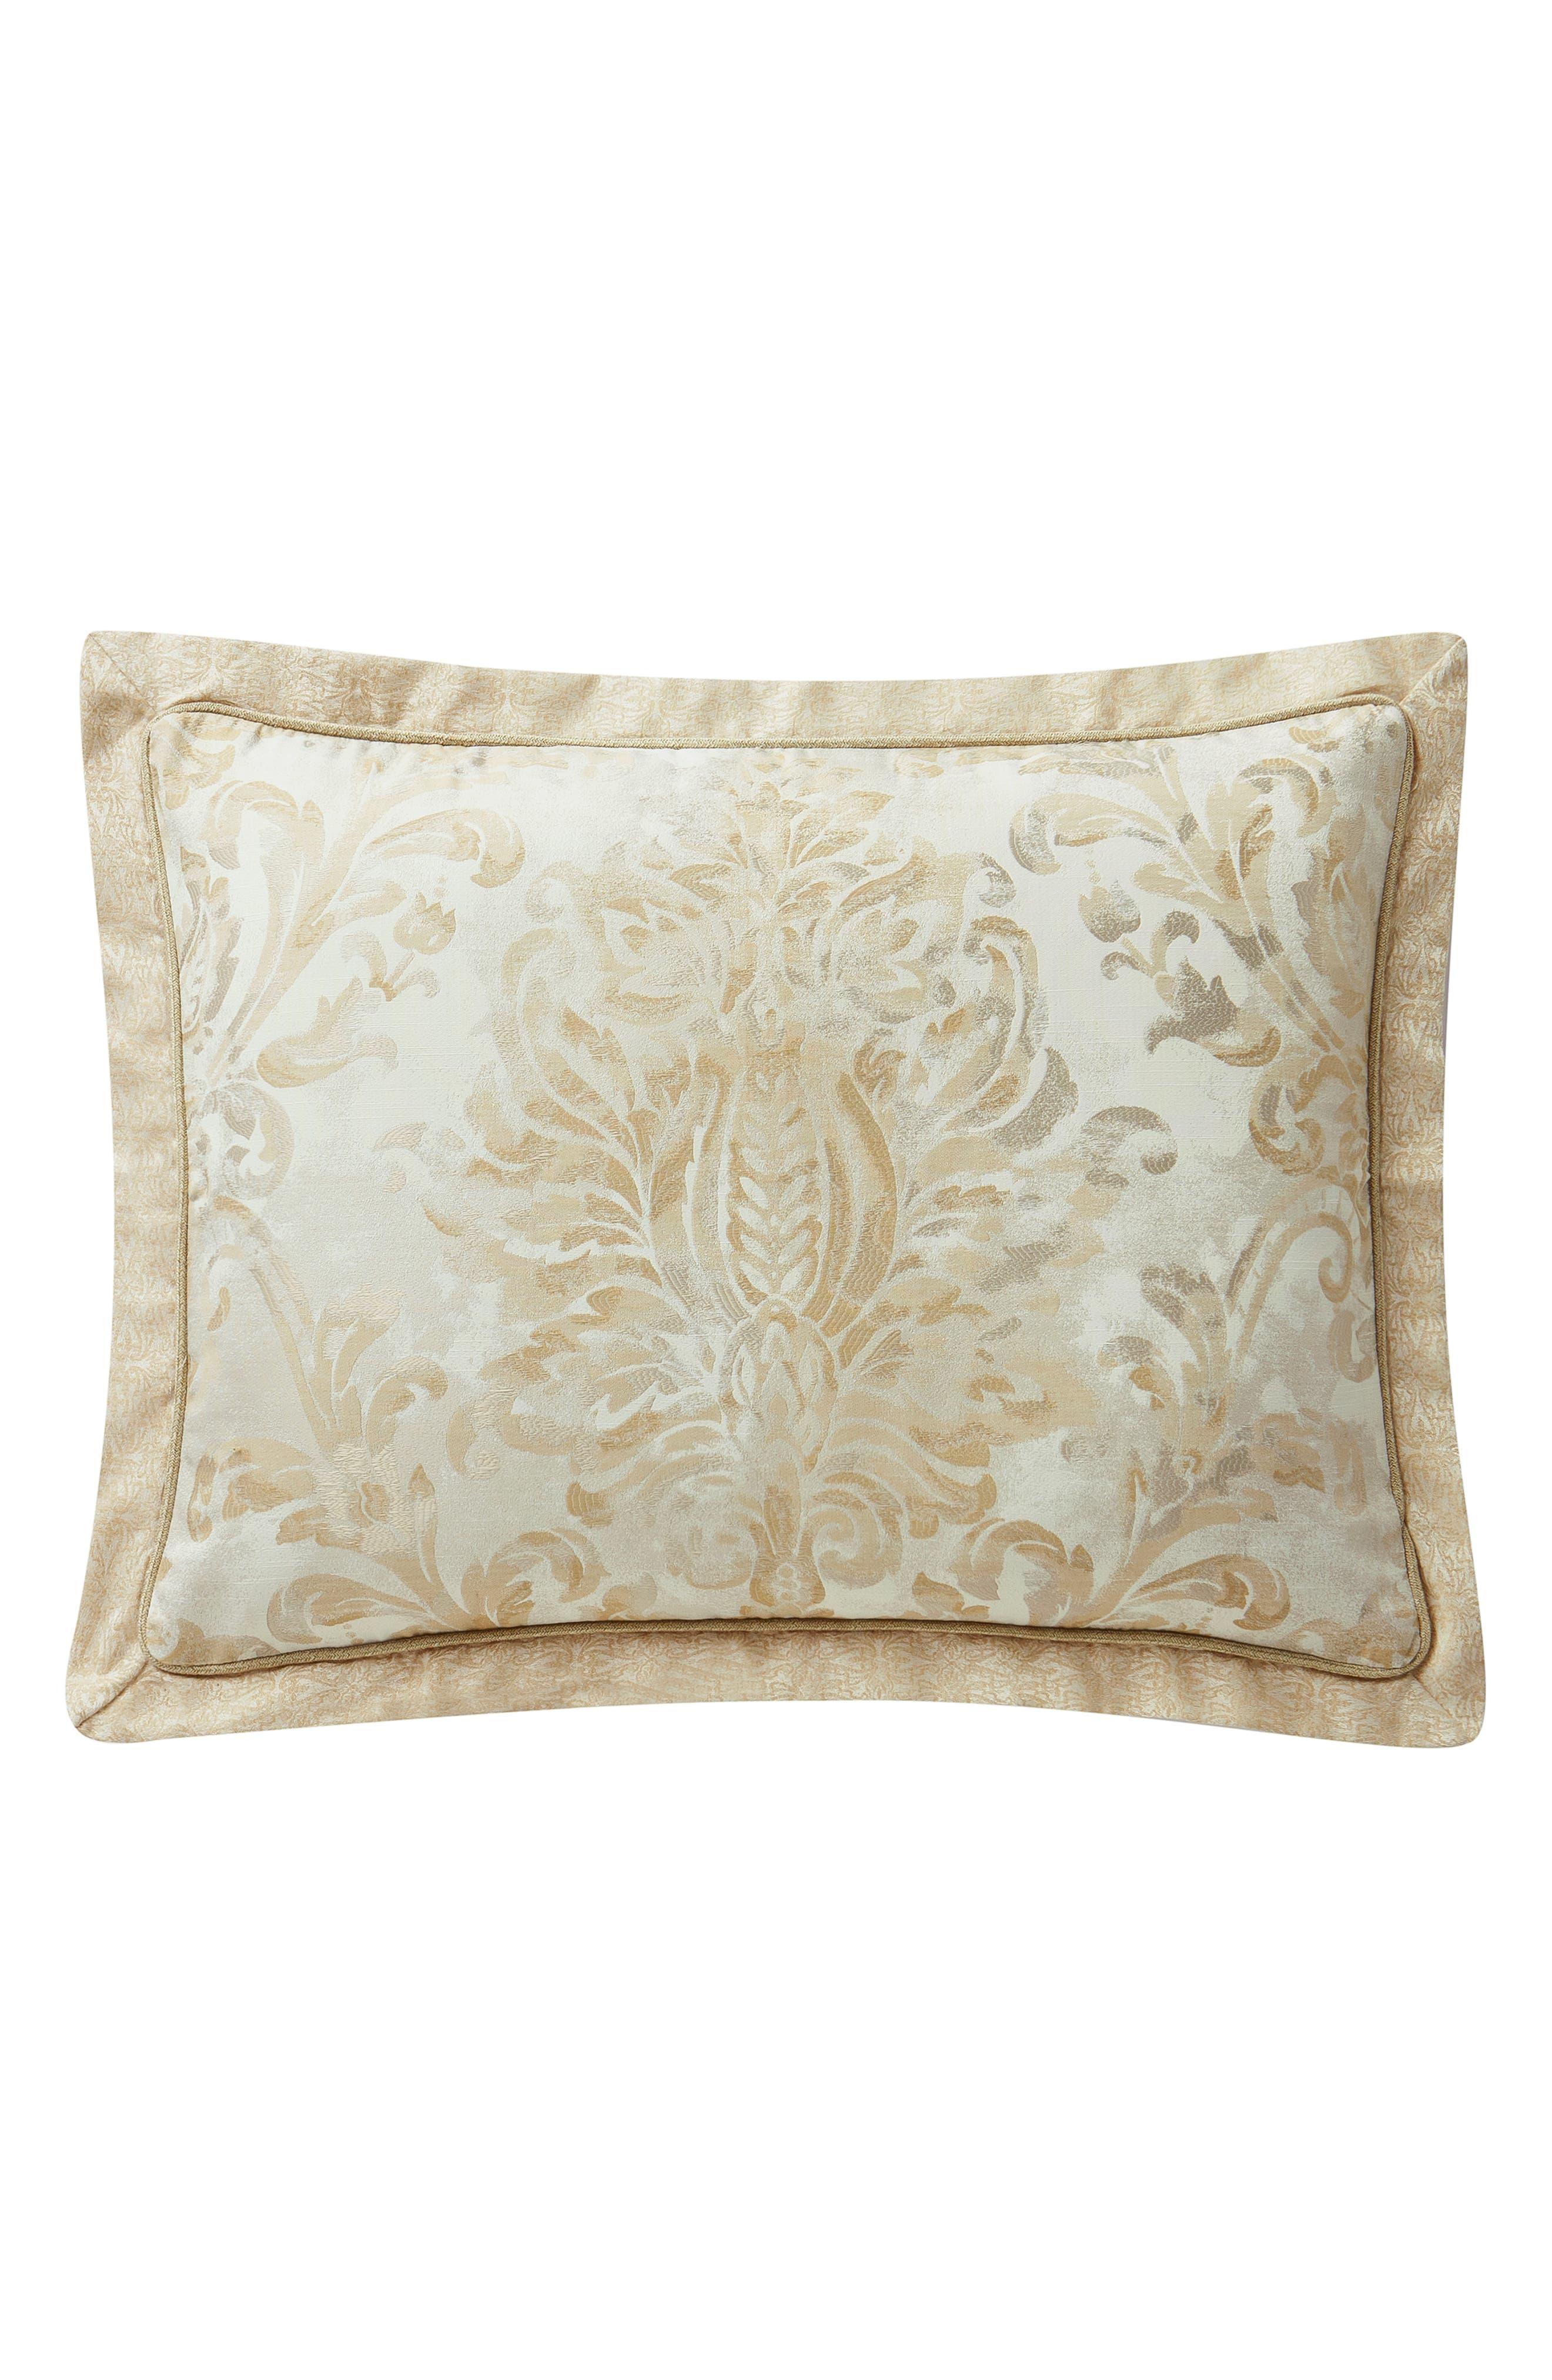 Annalise Reversible Comforter, Sham & Bed Skirt Set,                             Alternate thumbnail 4, color,                             GOLD